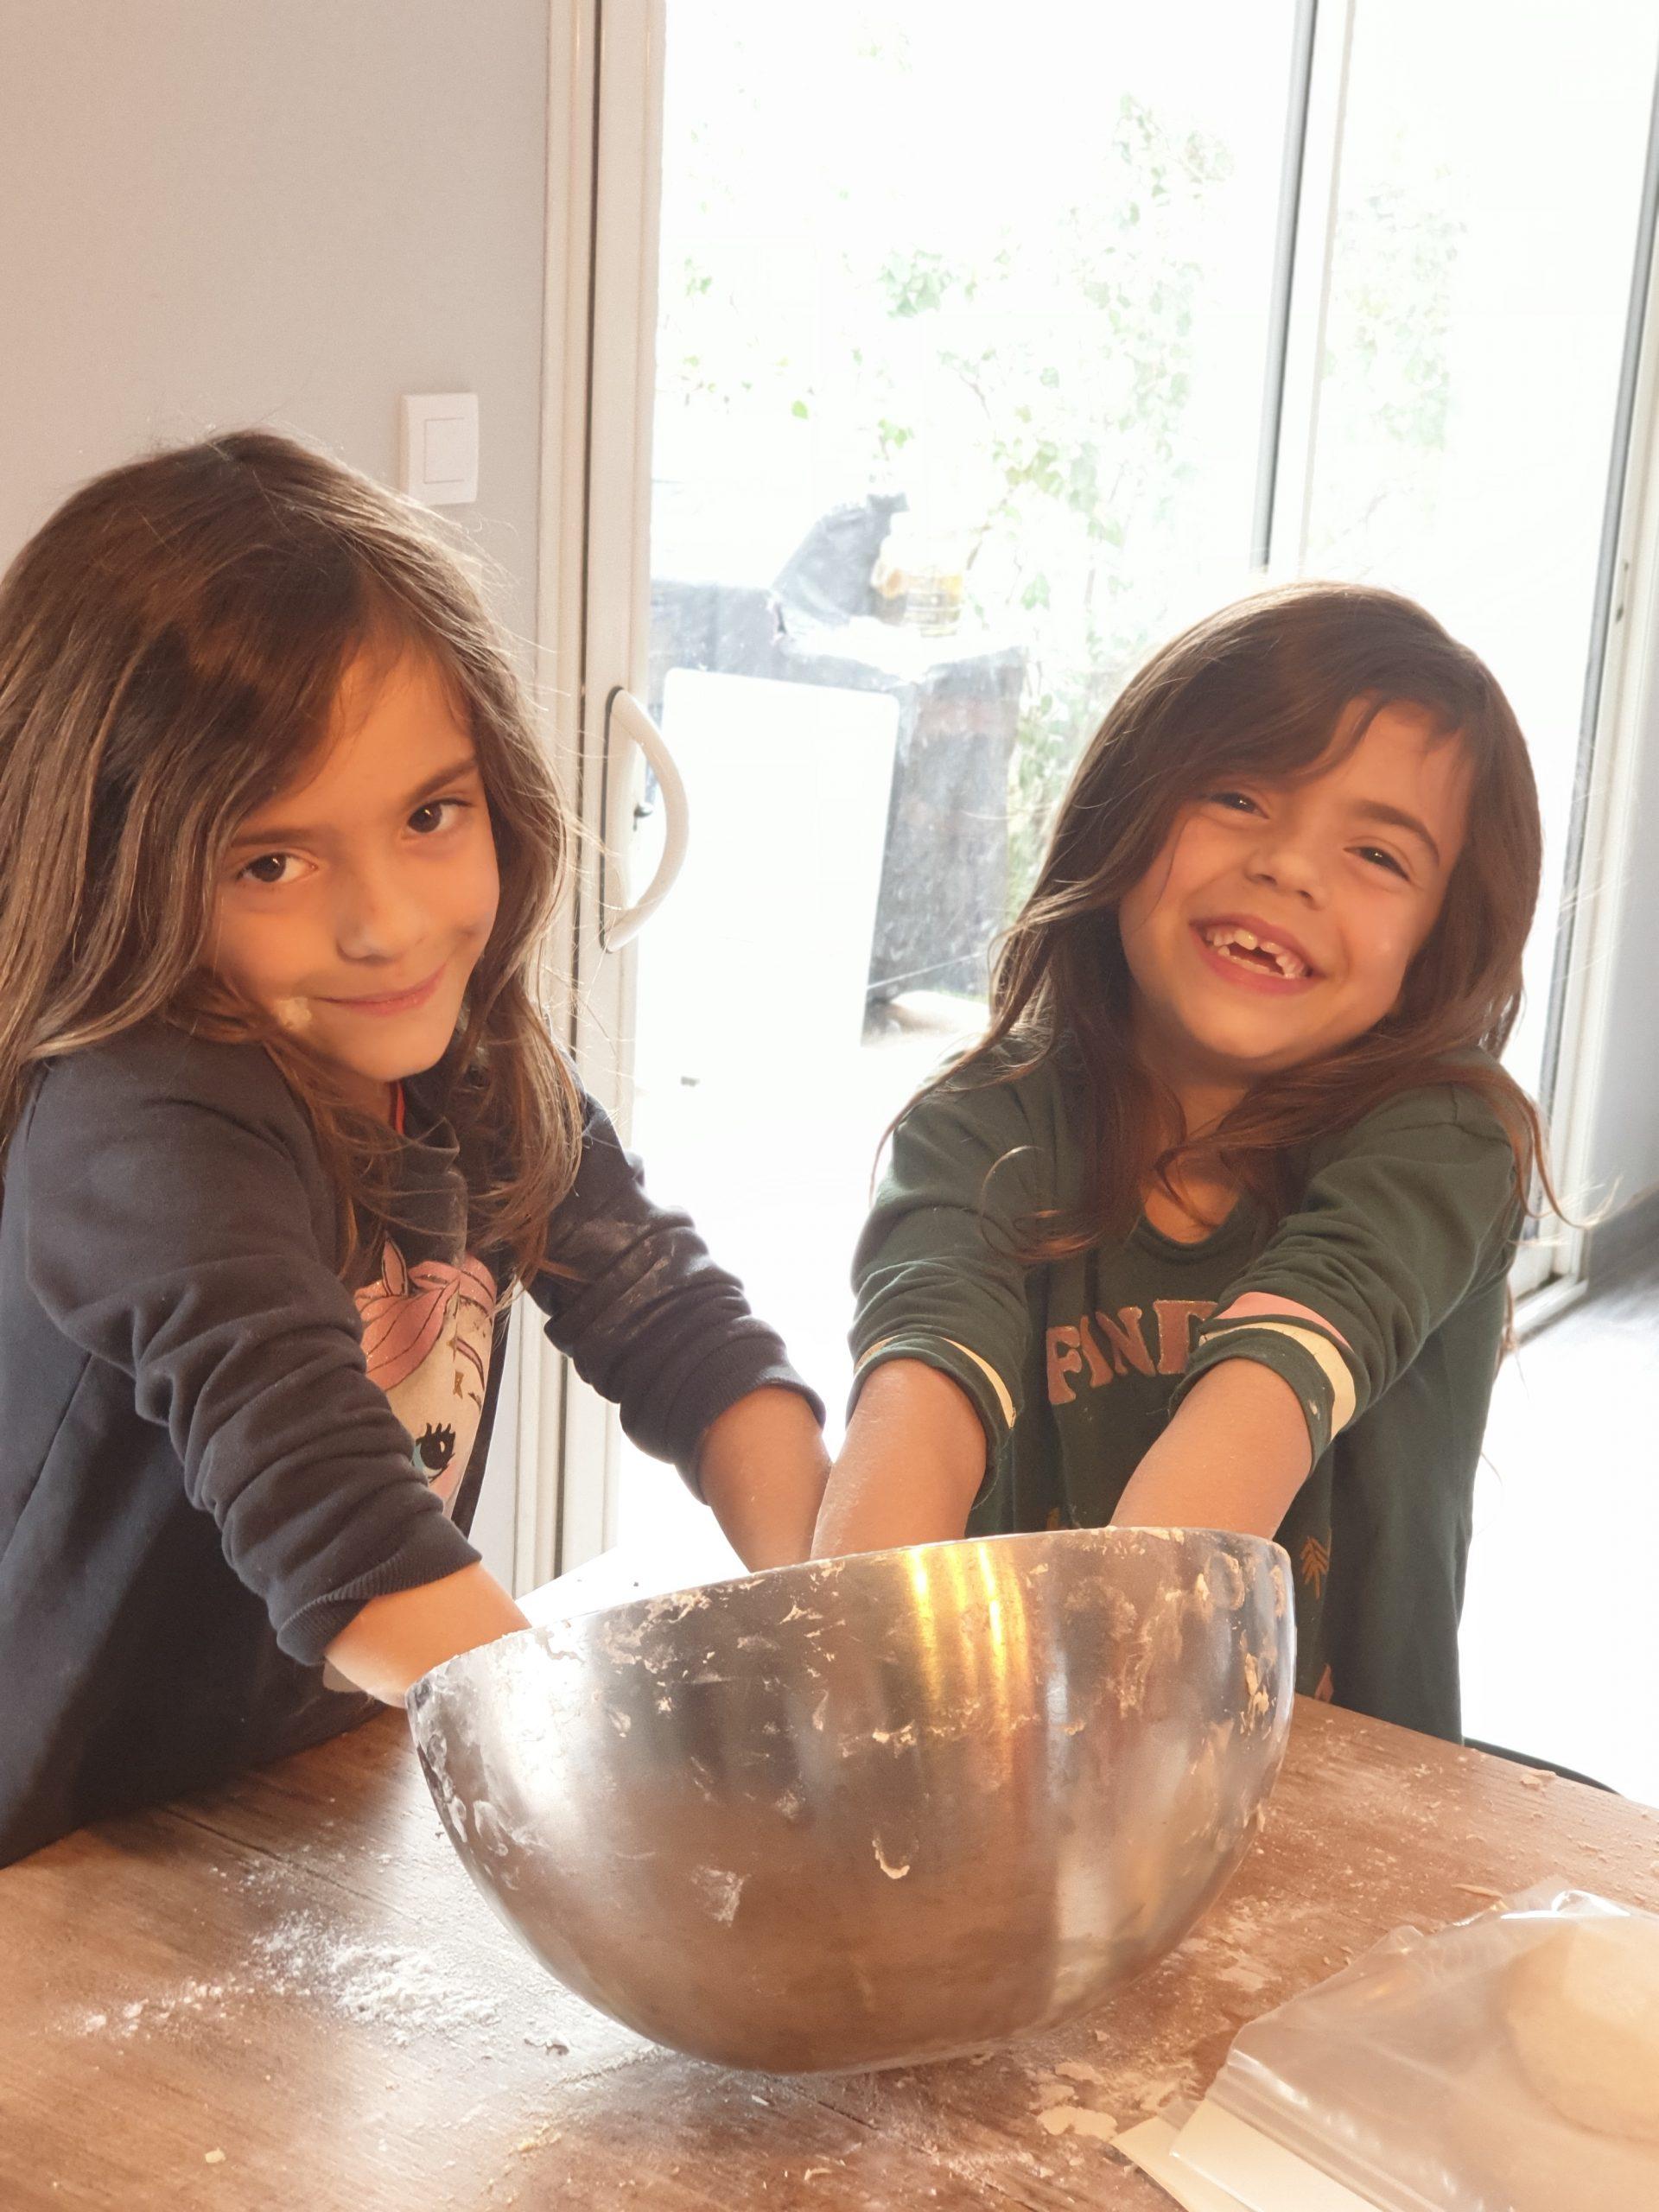 Nos idées de recettes de cuisine faciles et ludiques à faire avec les enfants